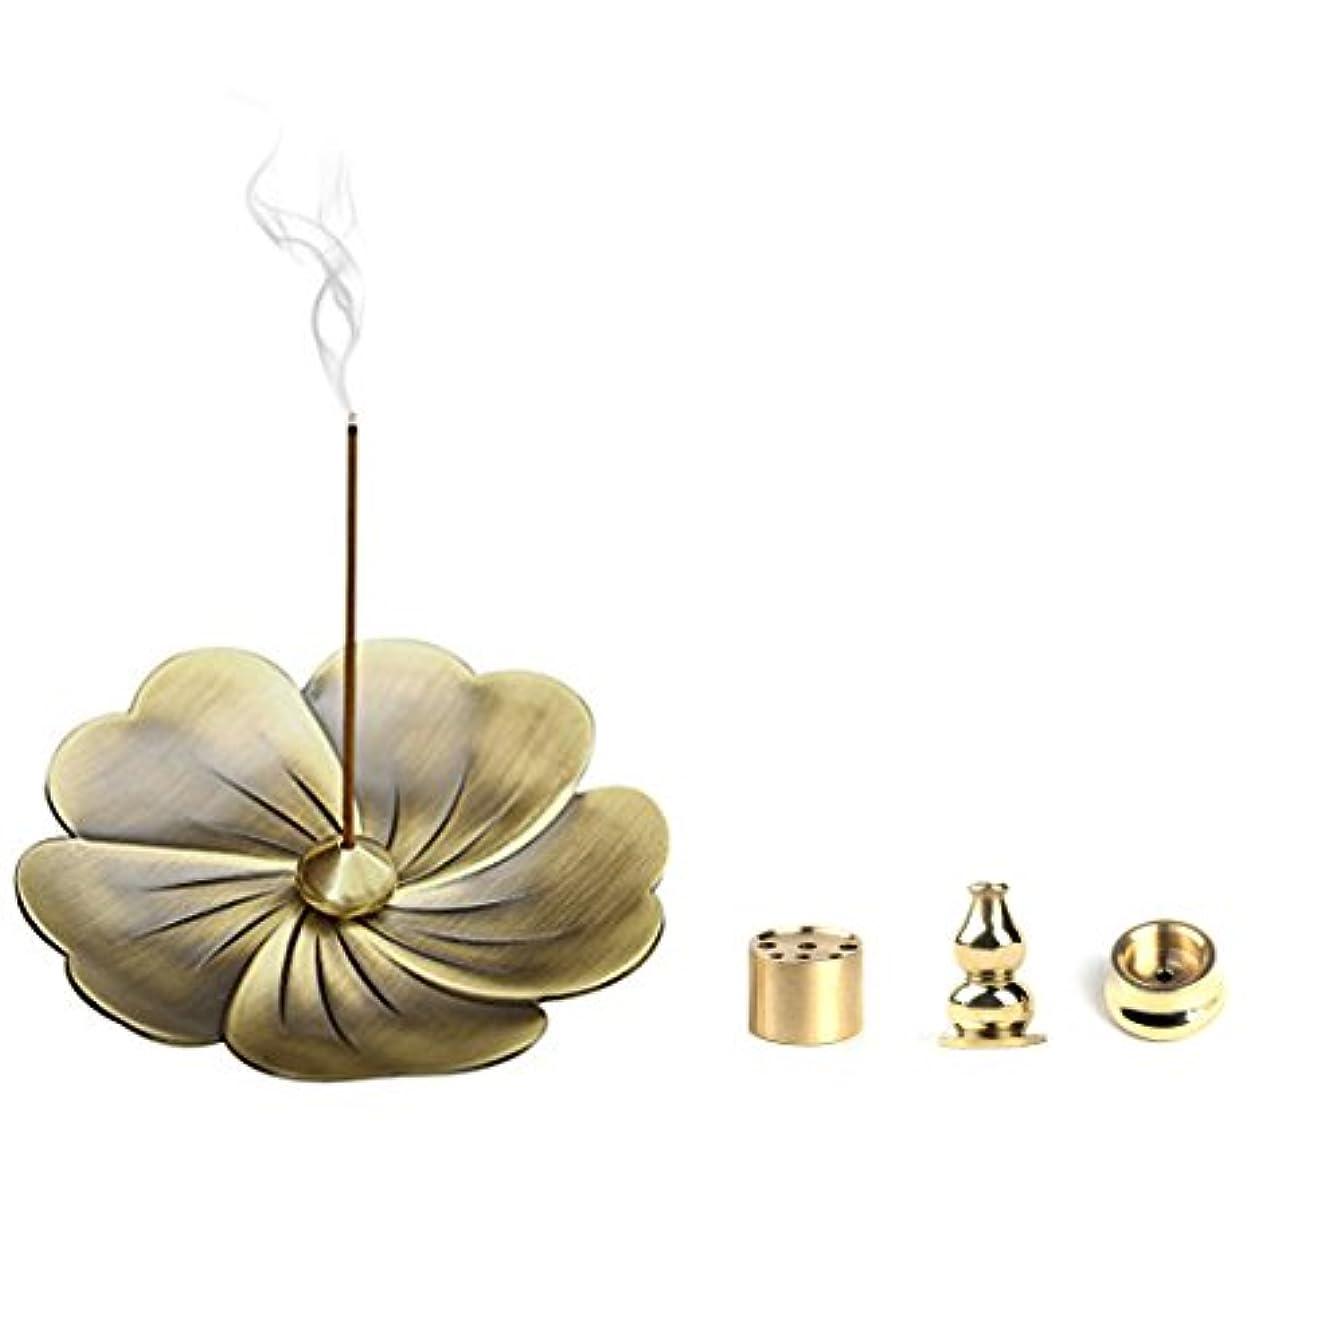 パキスタン人実業家カーフalasidaブロンズSakura花香炉ホルダーと4スタイルBrass Incense Holder forスティック、コーン、コイルIncense Ashキャッチャー香炉ギフトセット